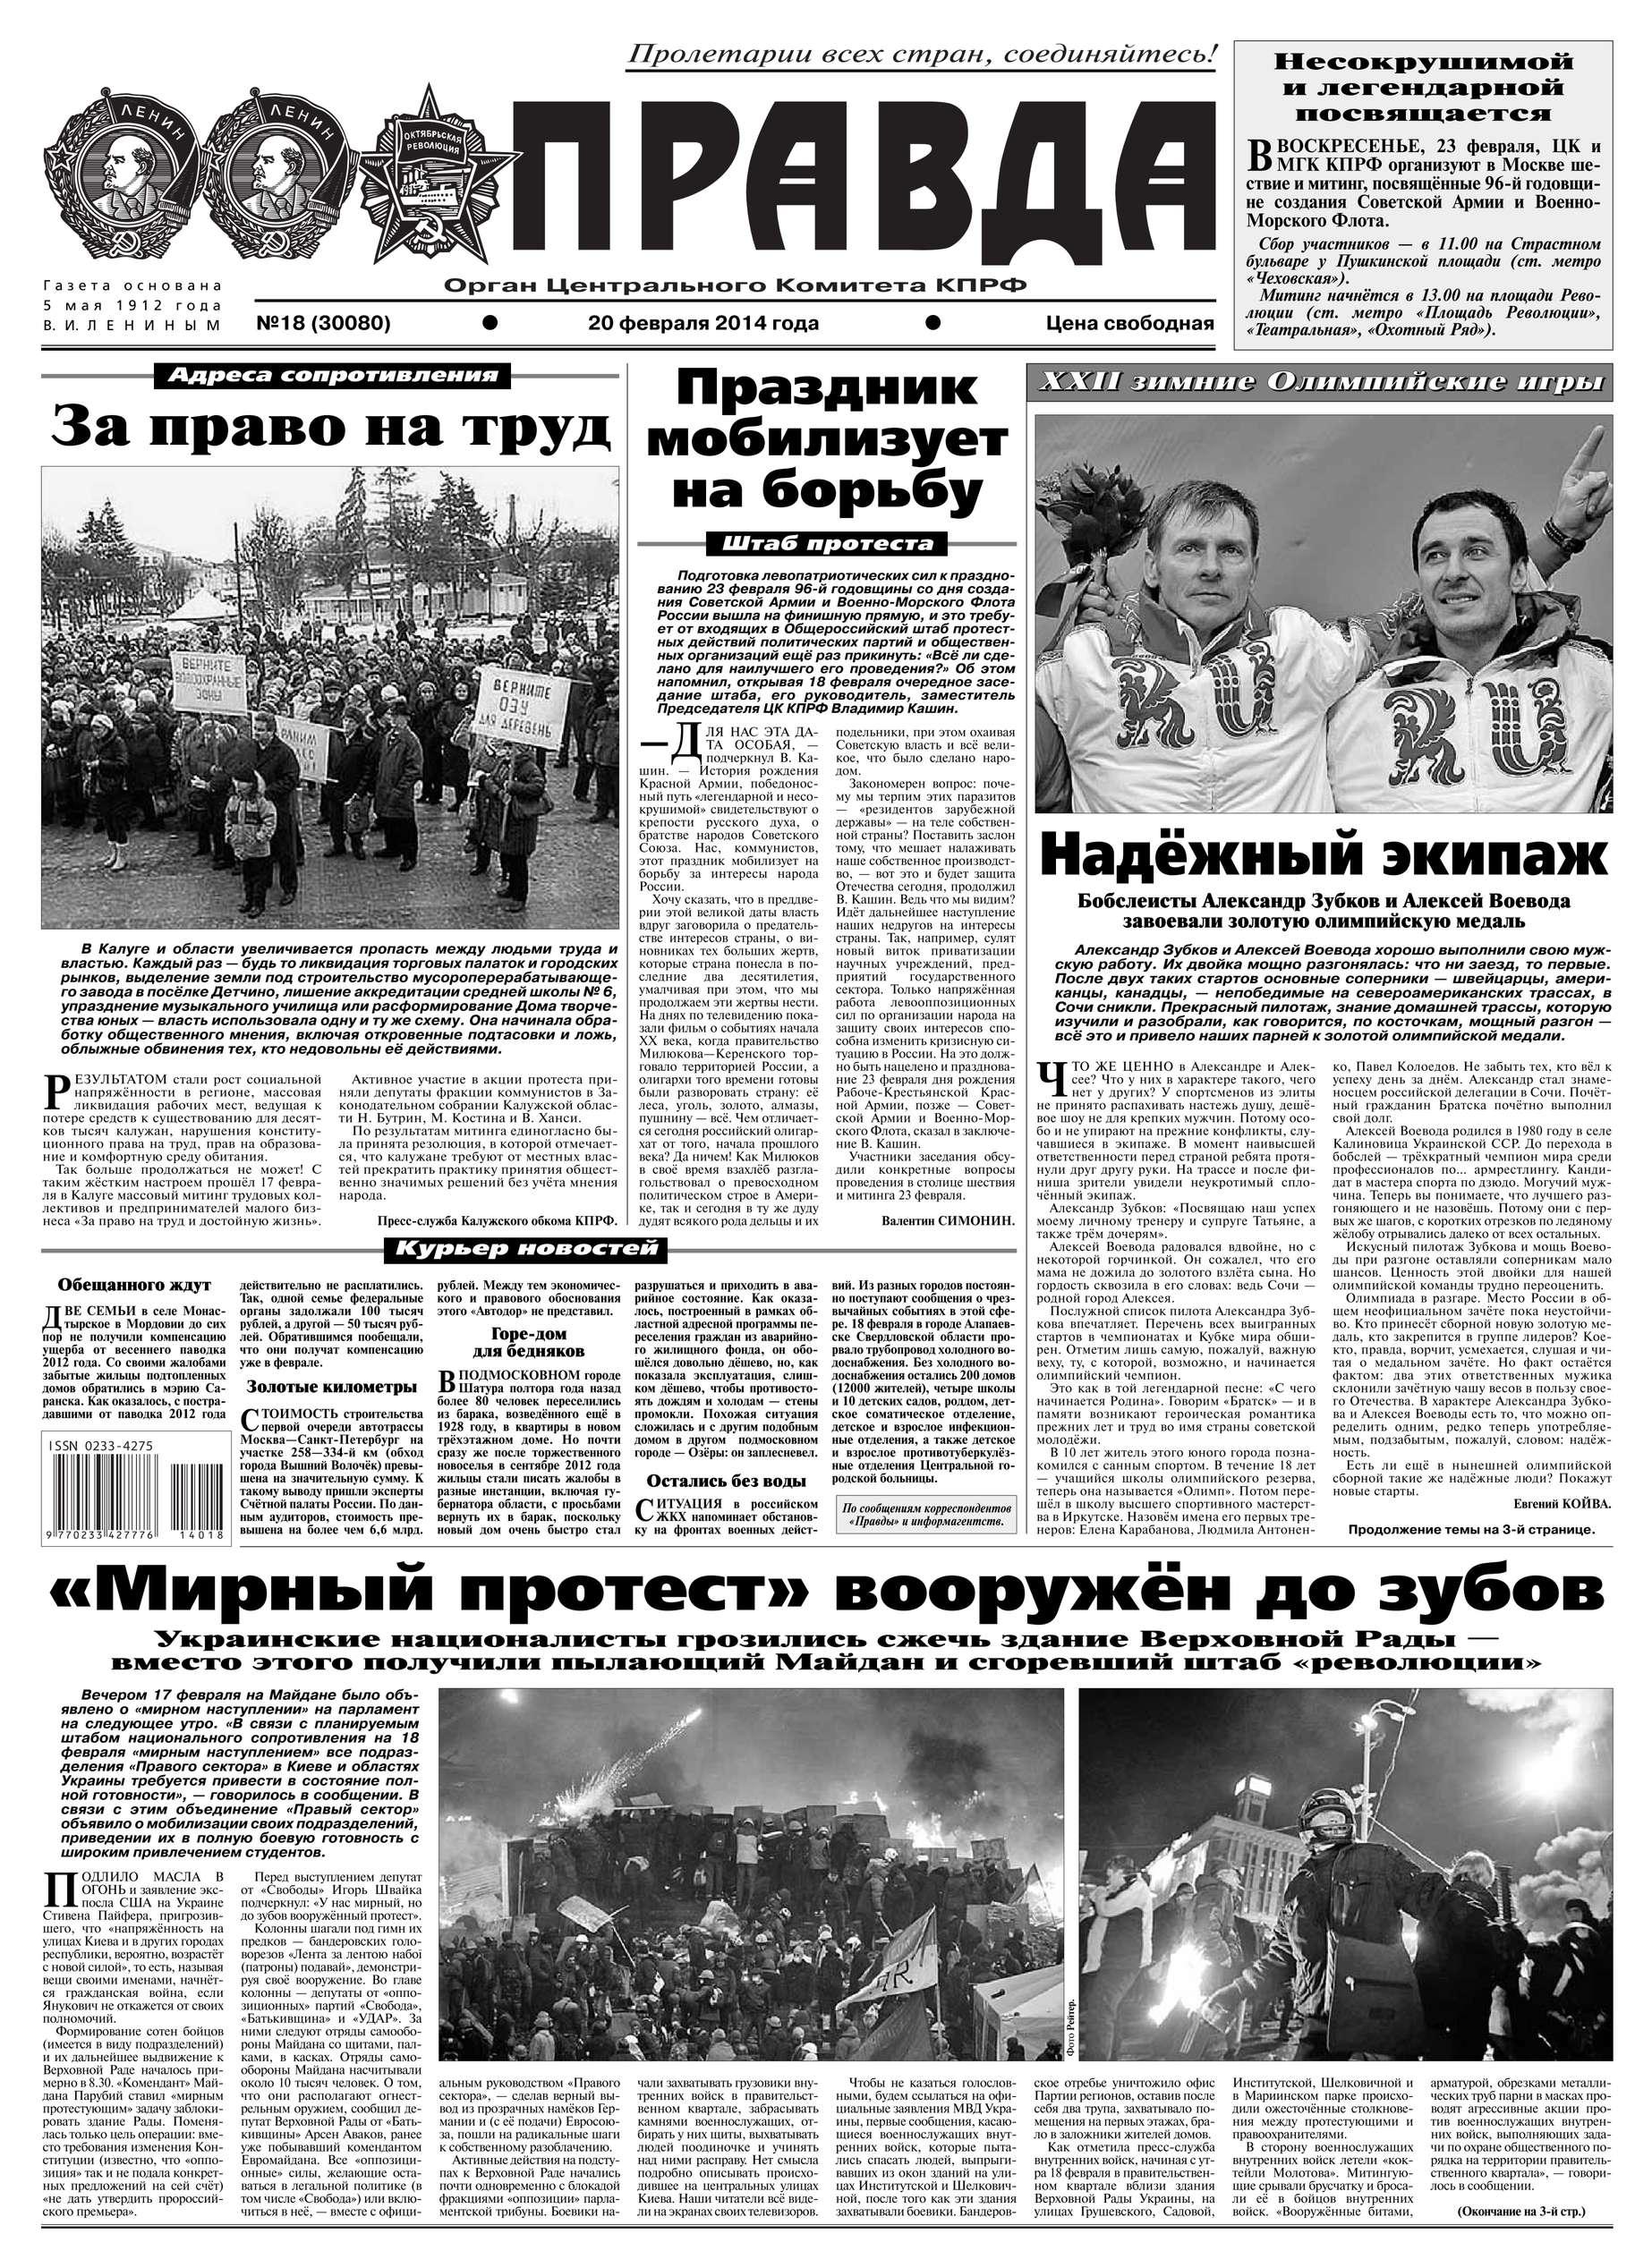 Редакция газеты Правда Правда 18 цена